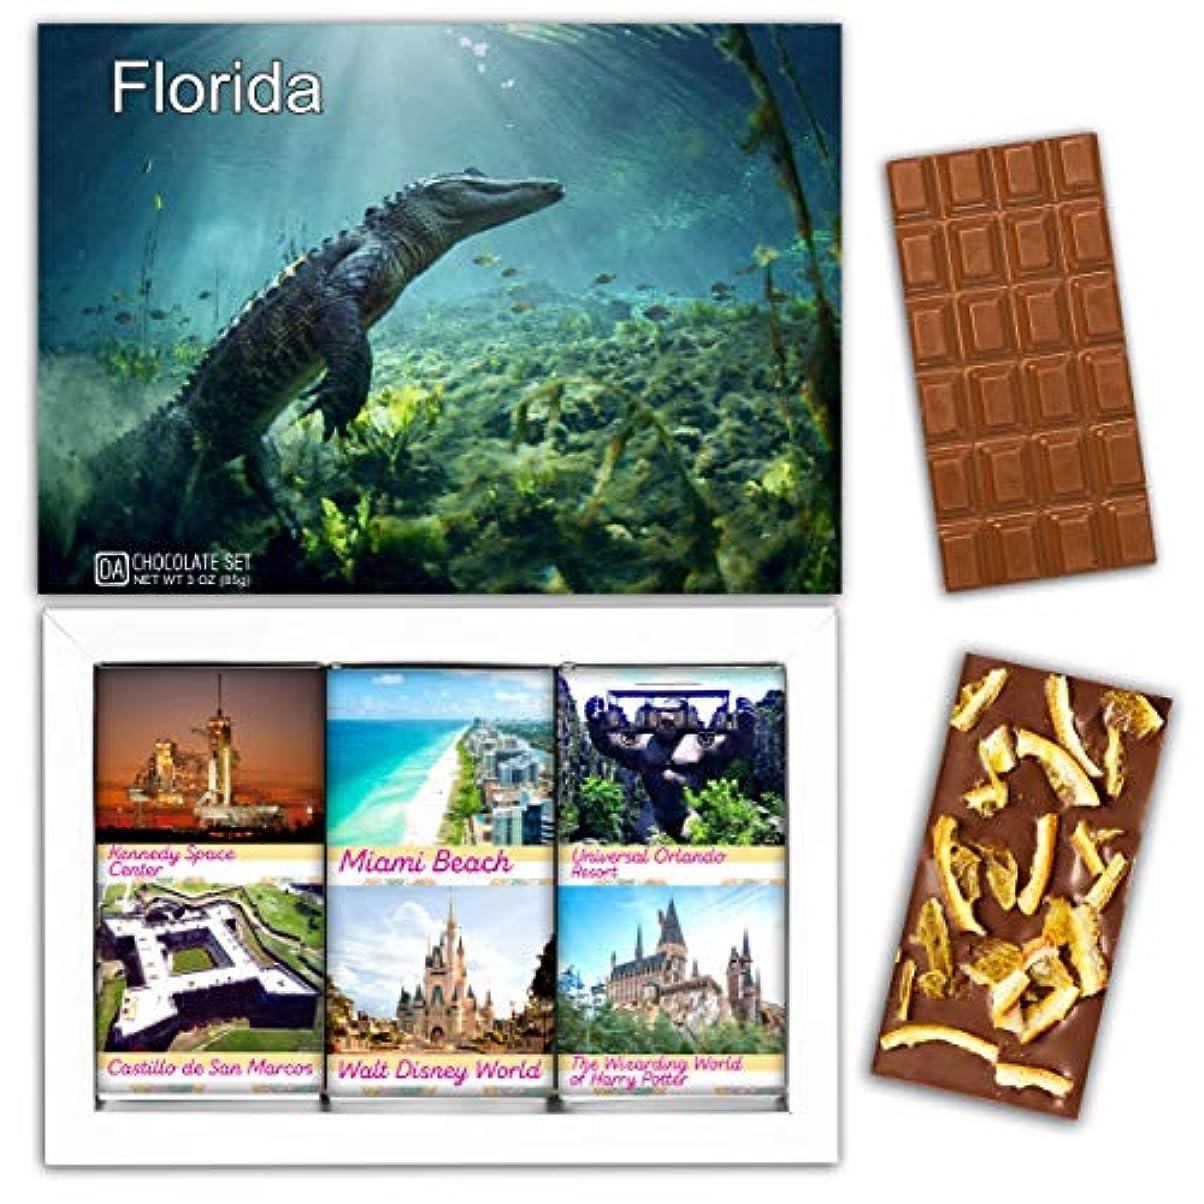 硬さケント栄養DA CHOCOLATE キャンディ スーベニア  フロリダ  FLORIDA チョコレートセット 7,2×5,2一箱 (MILK Orange Cedar Mint)